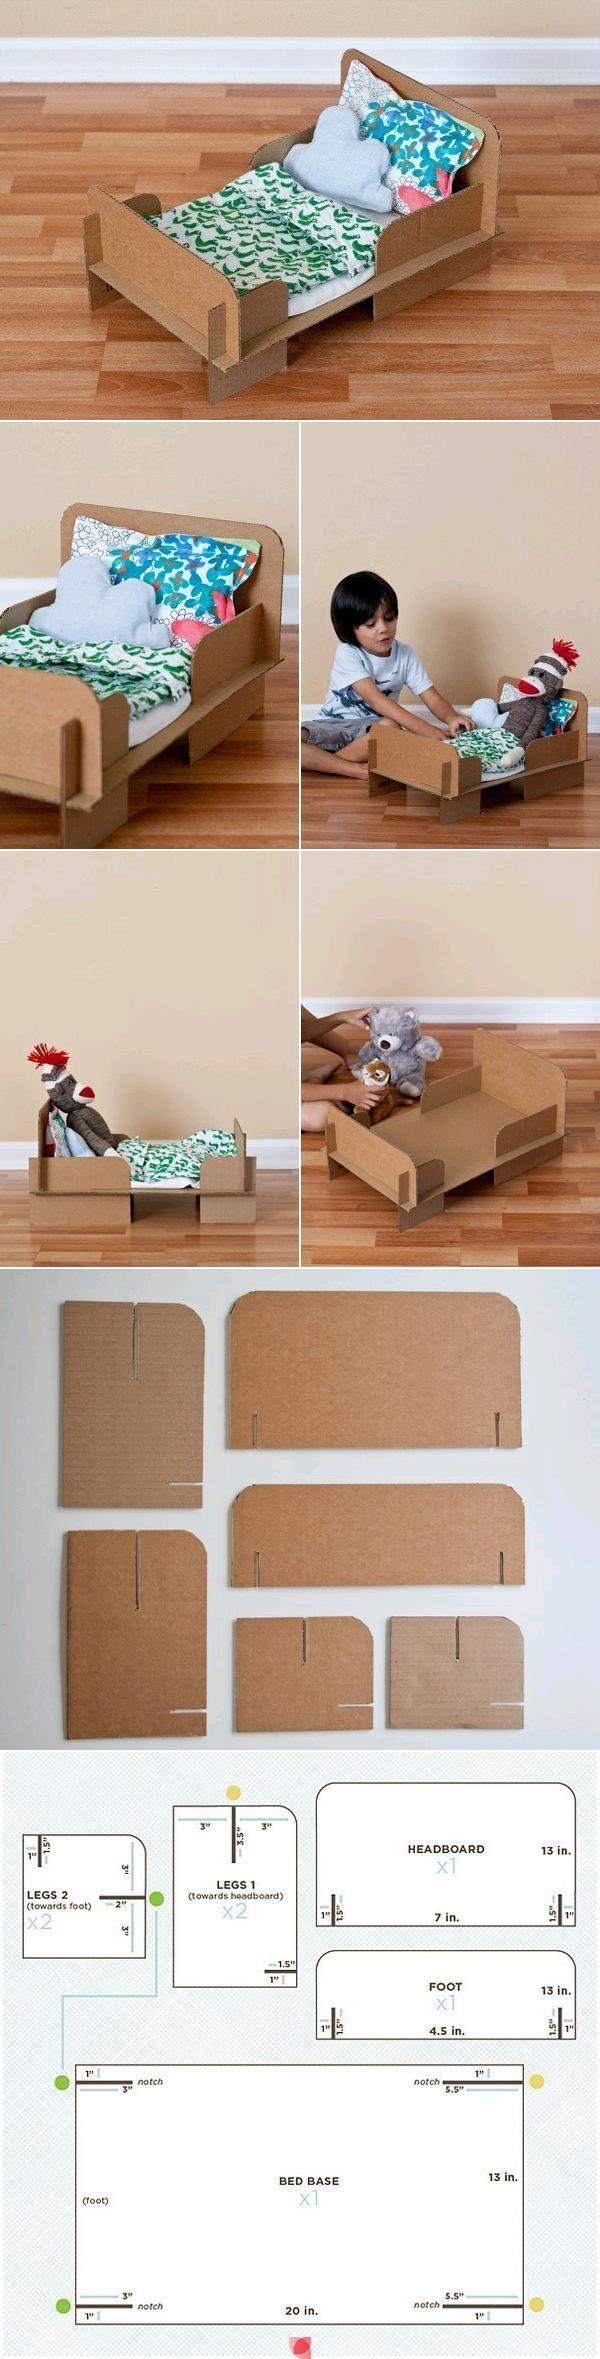 Кроватка для куклы своими руками как сделать